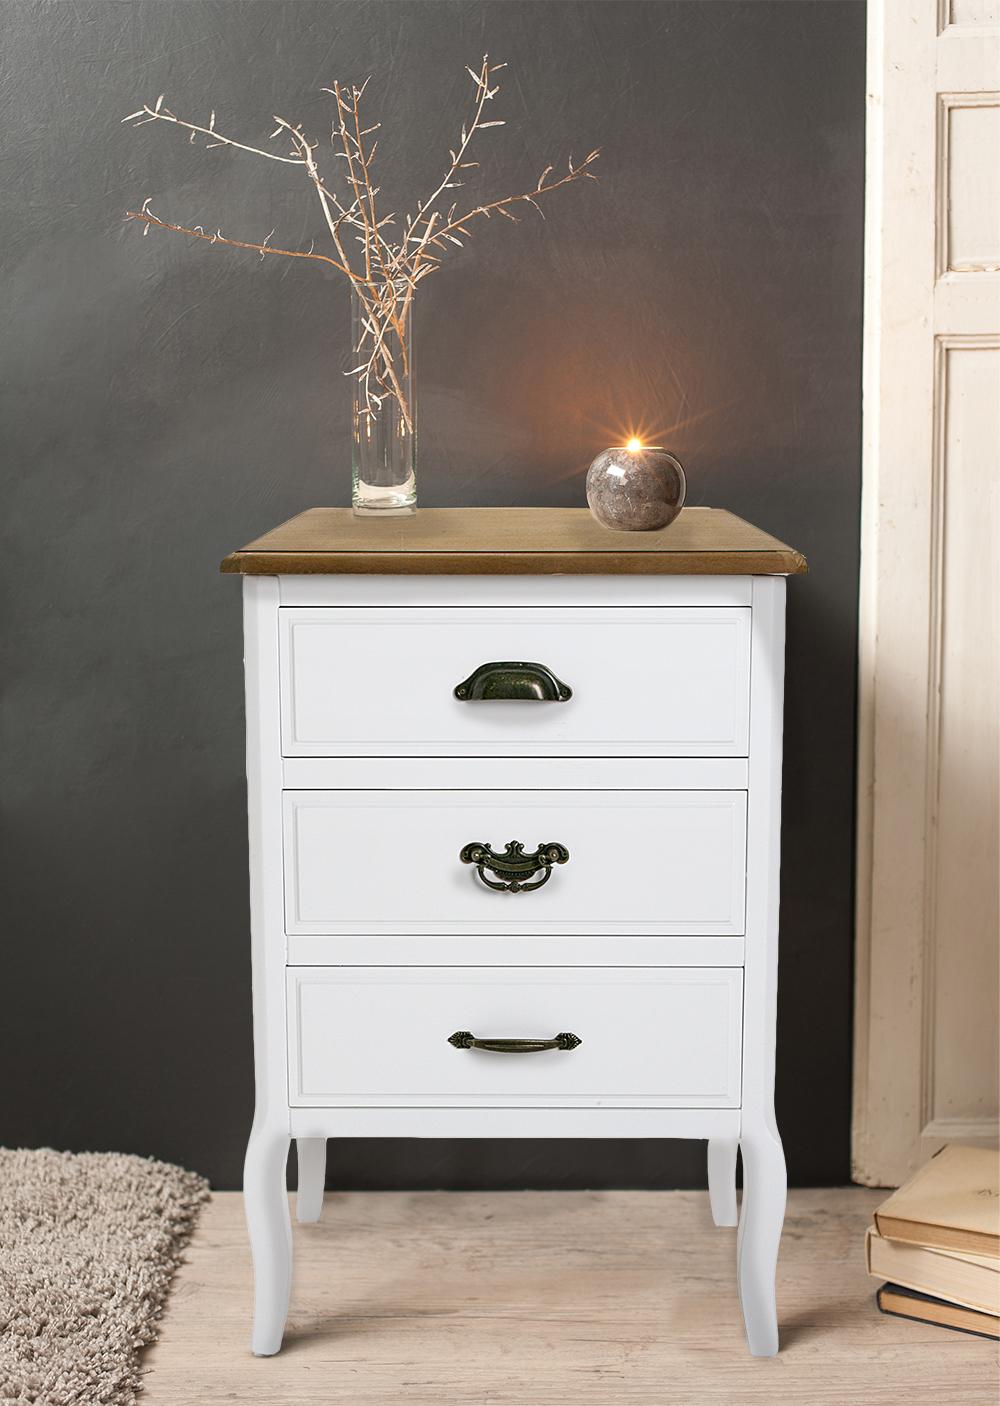 table de chevet romantique 3 tiroirs en bois blanc et plateau bois naturel aux poignees mixees pieds galbes 48x35x69cm caline